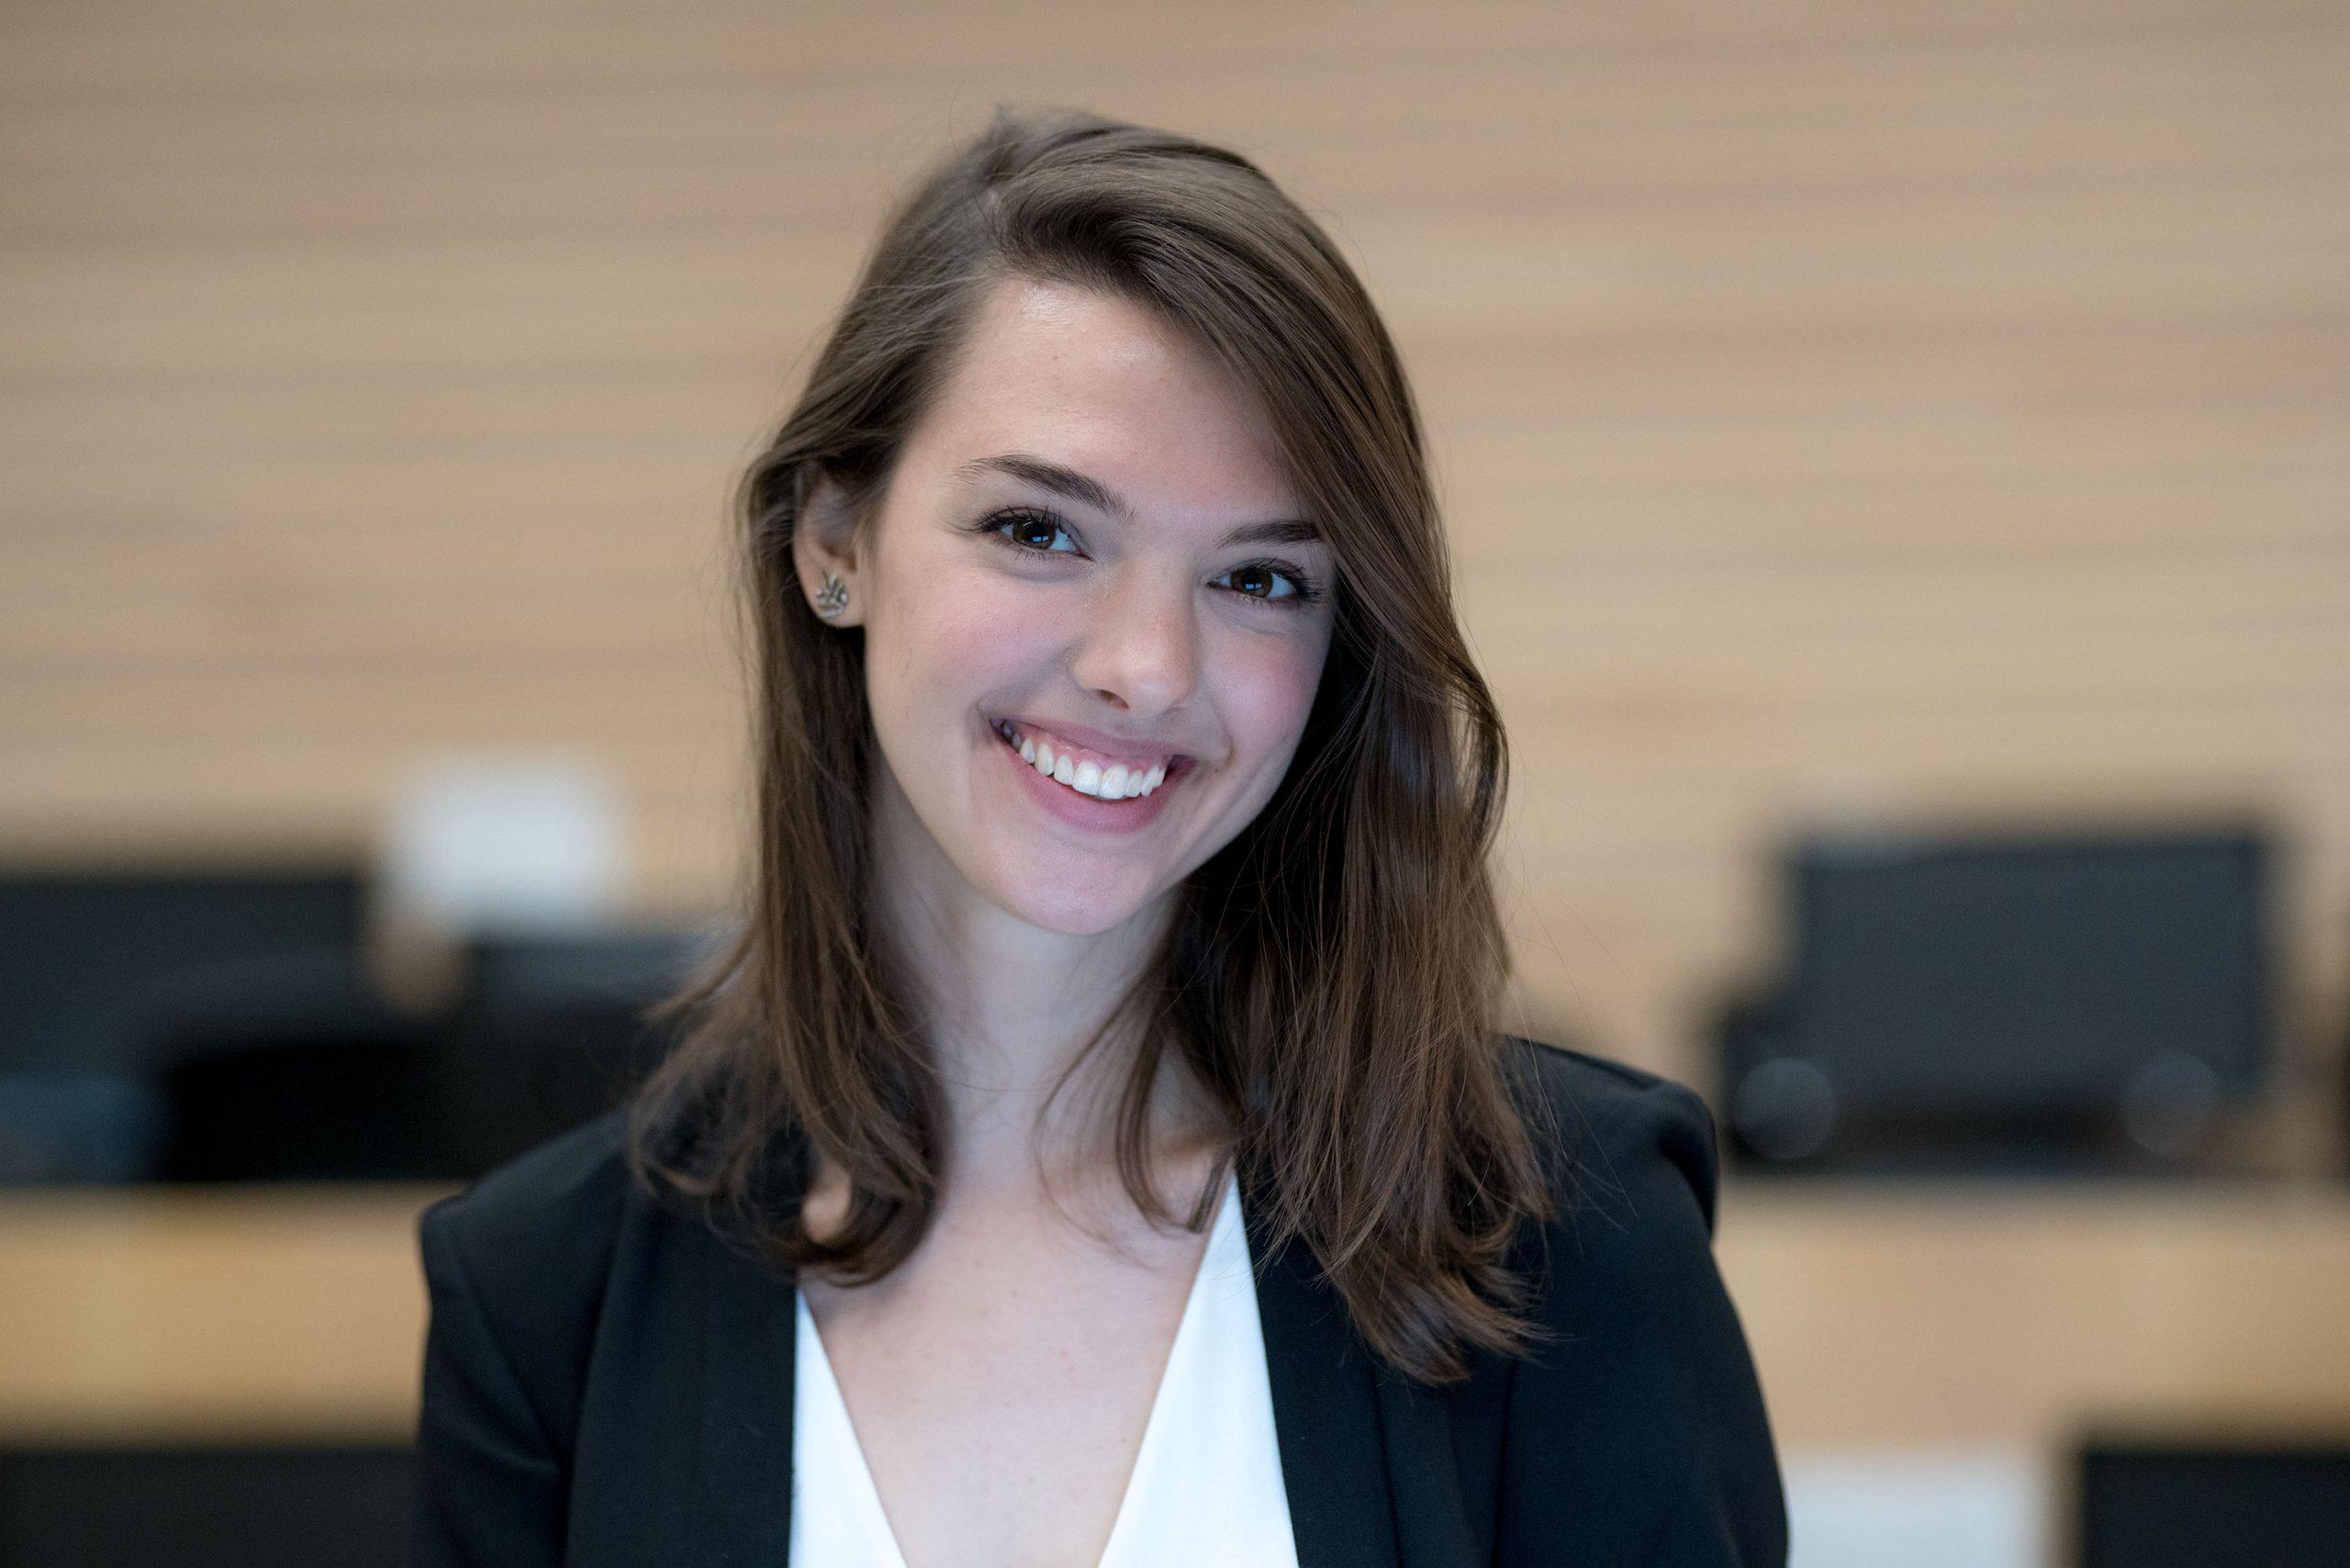 Stephanie Koehl